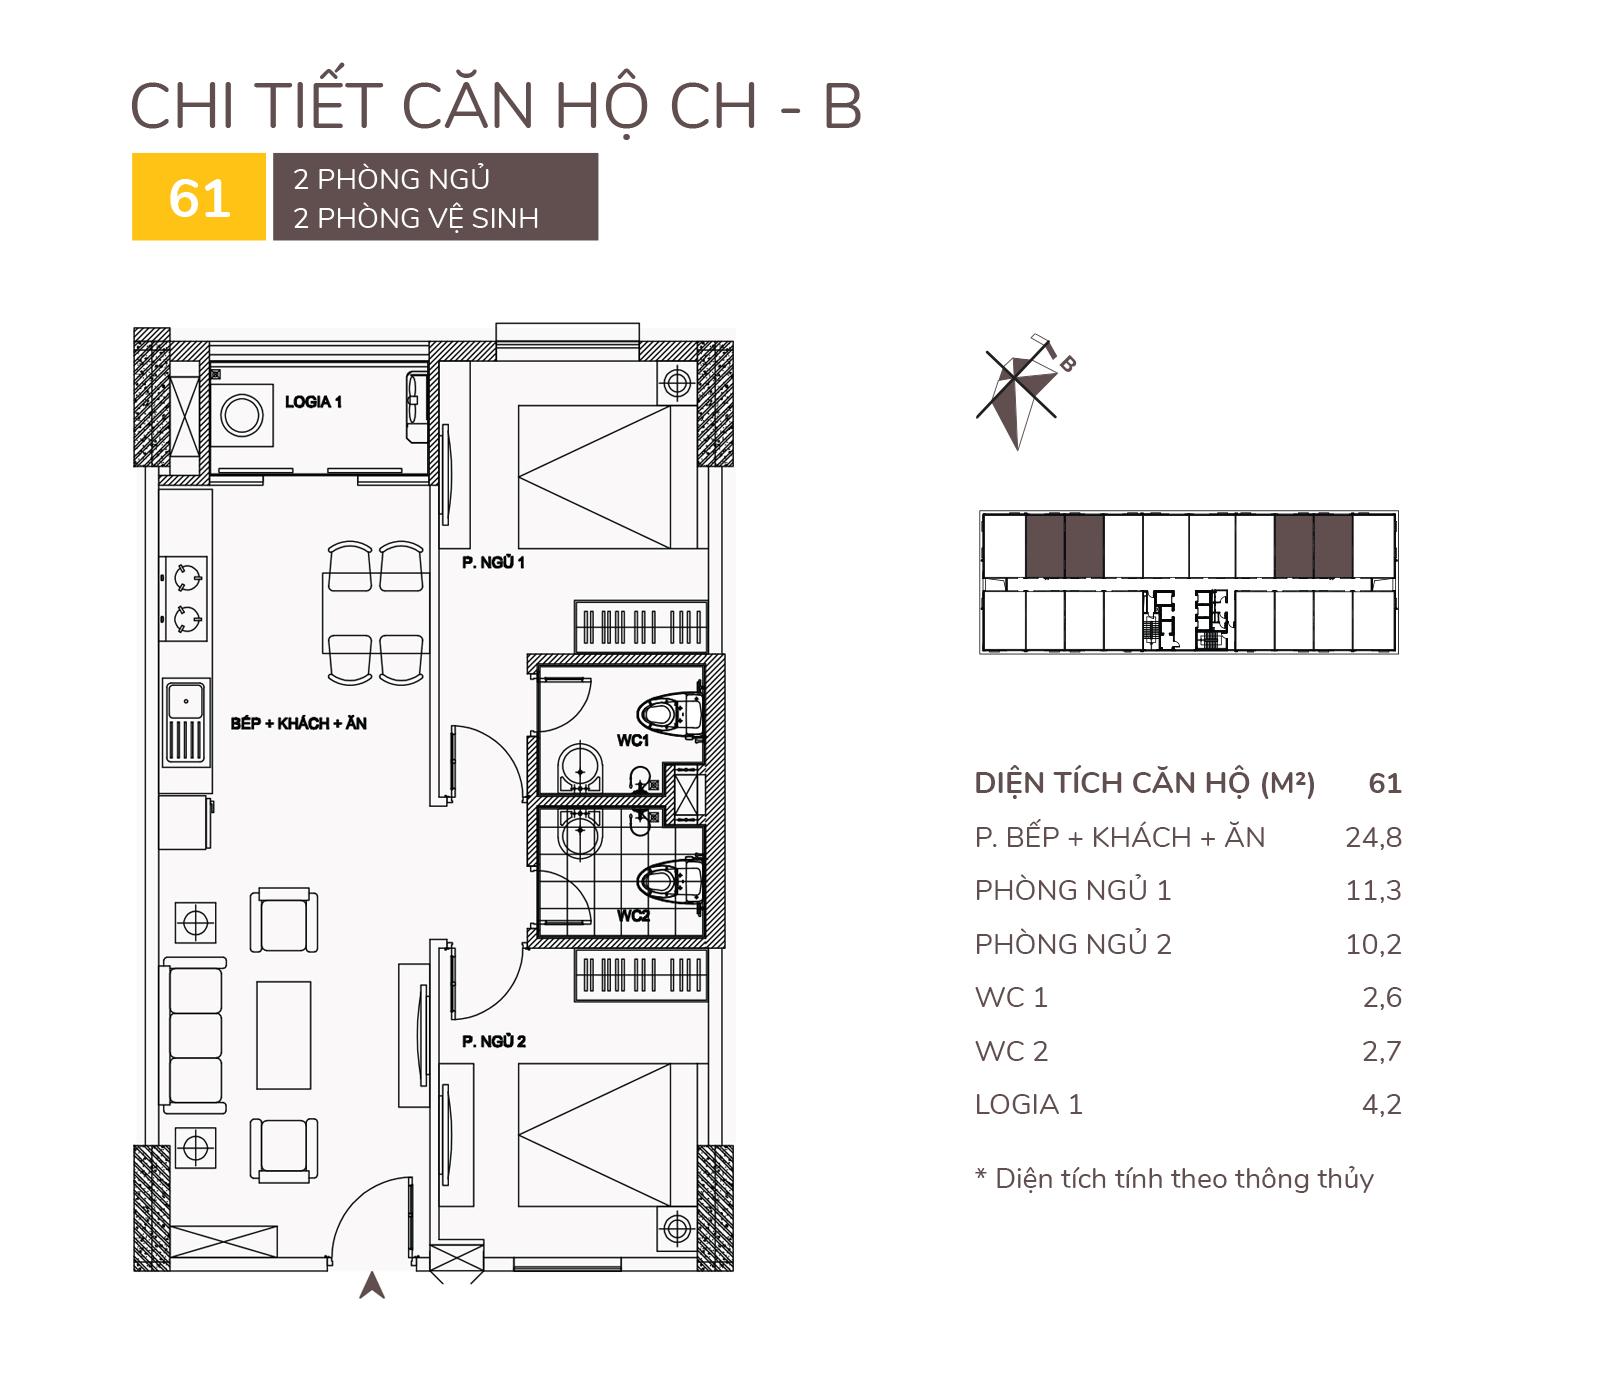 Chi tiết căn hộ CH - B